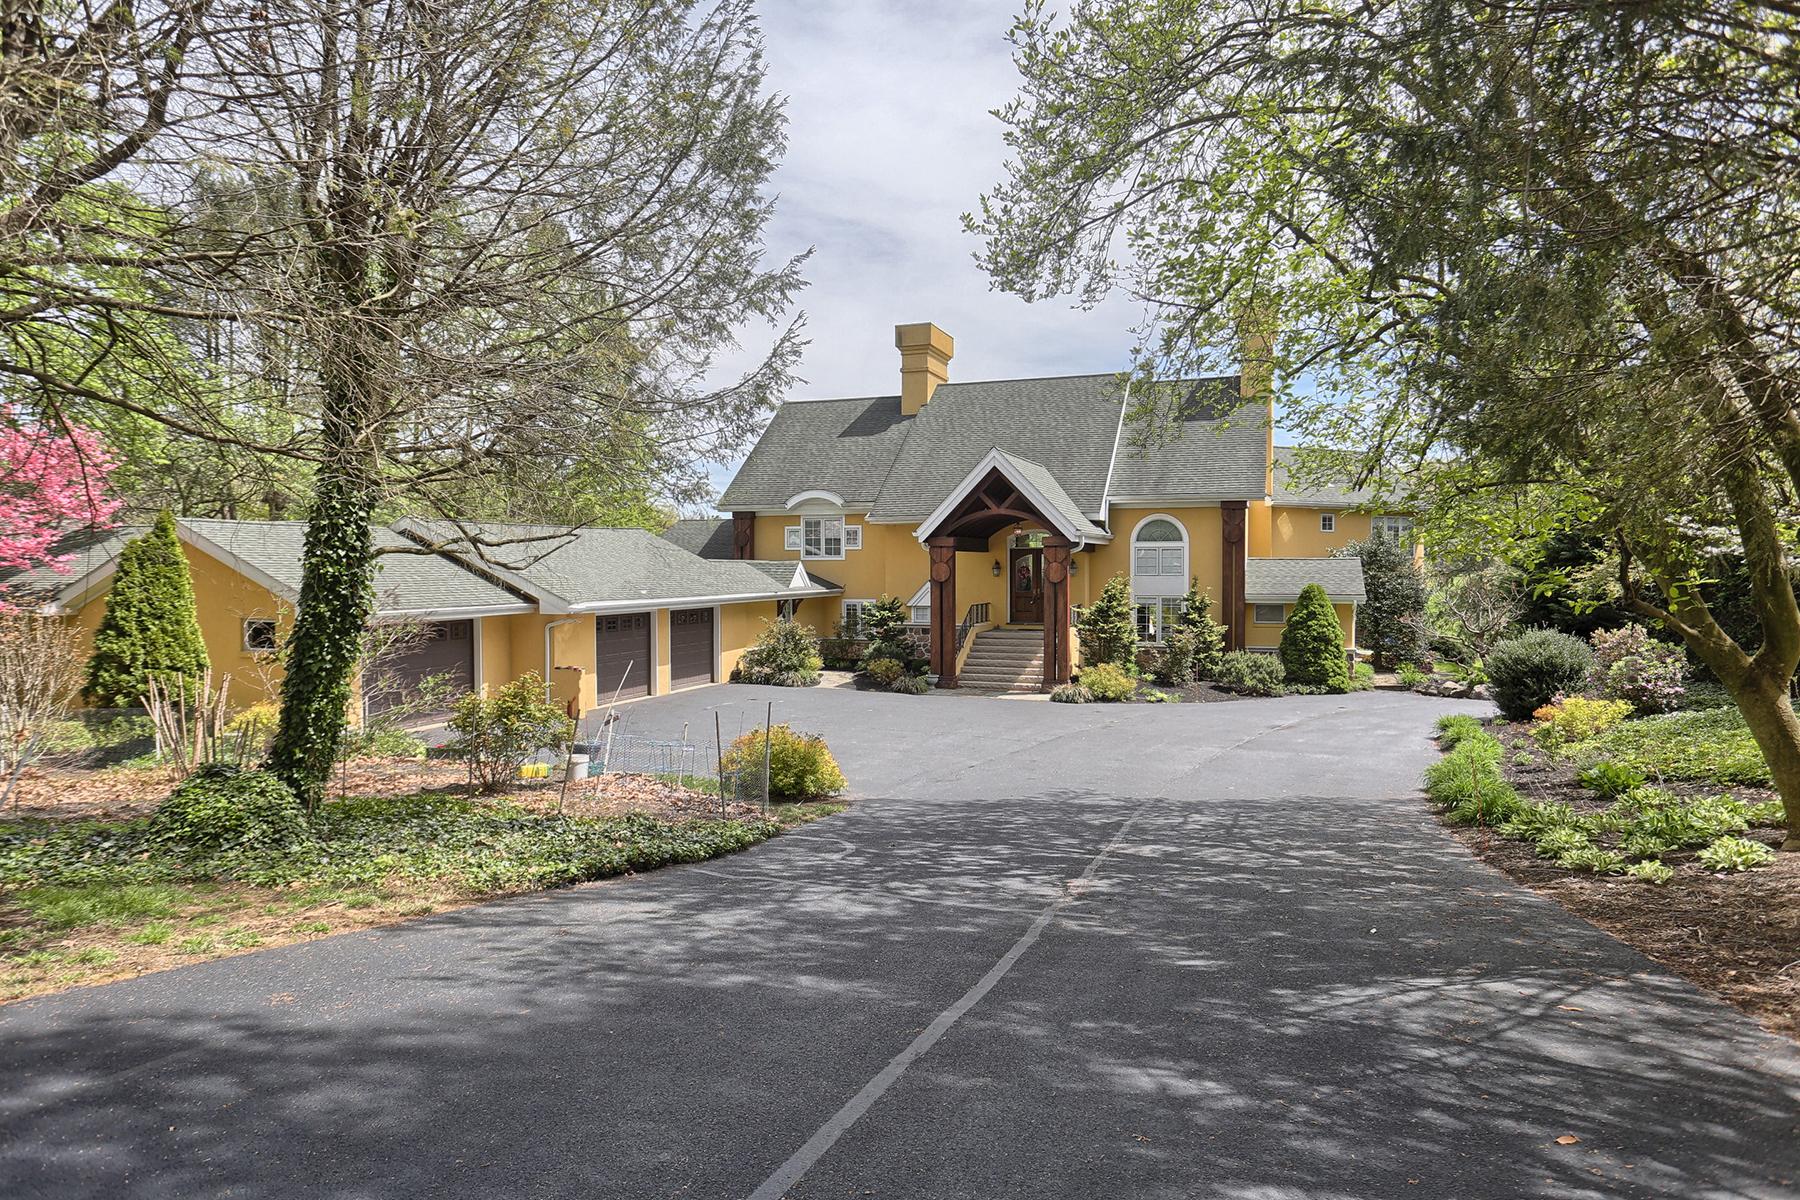 独户住宅 为 销售 在 663 Oakwood Lane 663 Oakwood Lane 兰开斯特, 宾夕法尼亚州 17603 美国